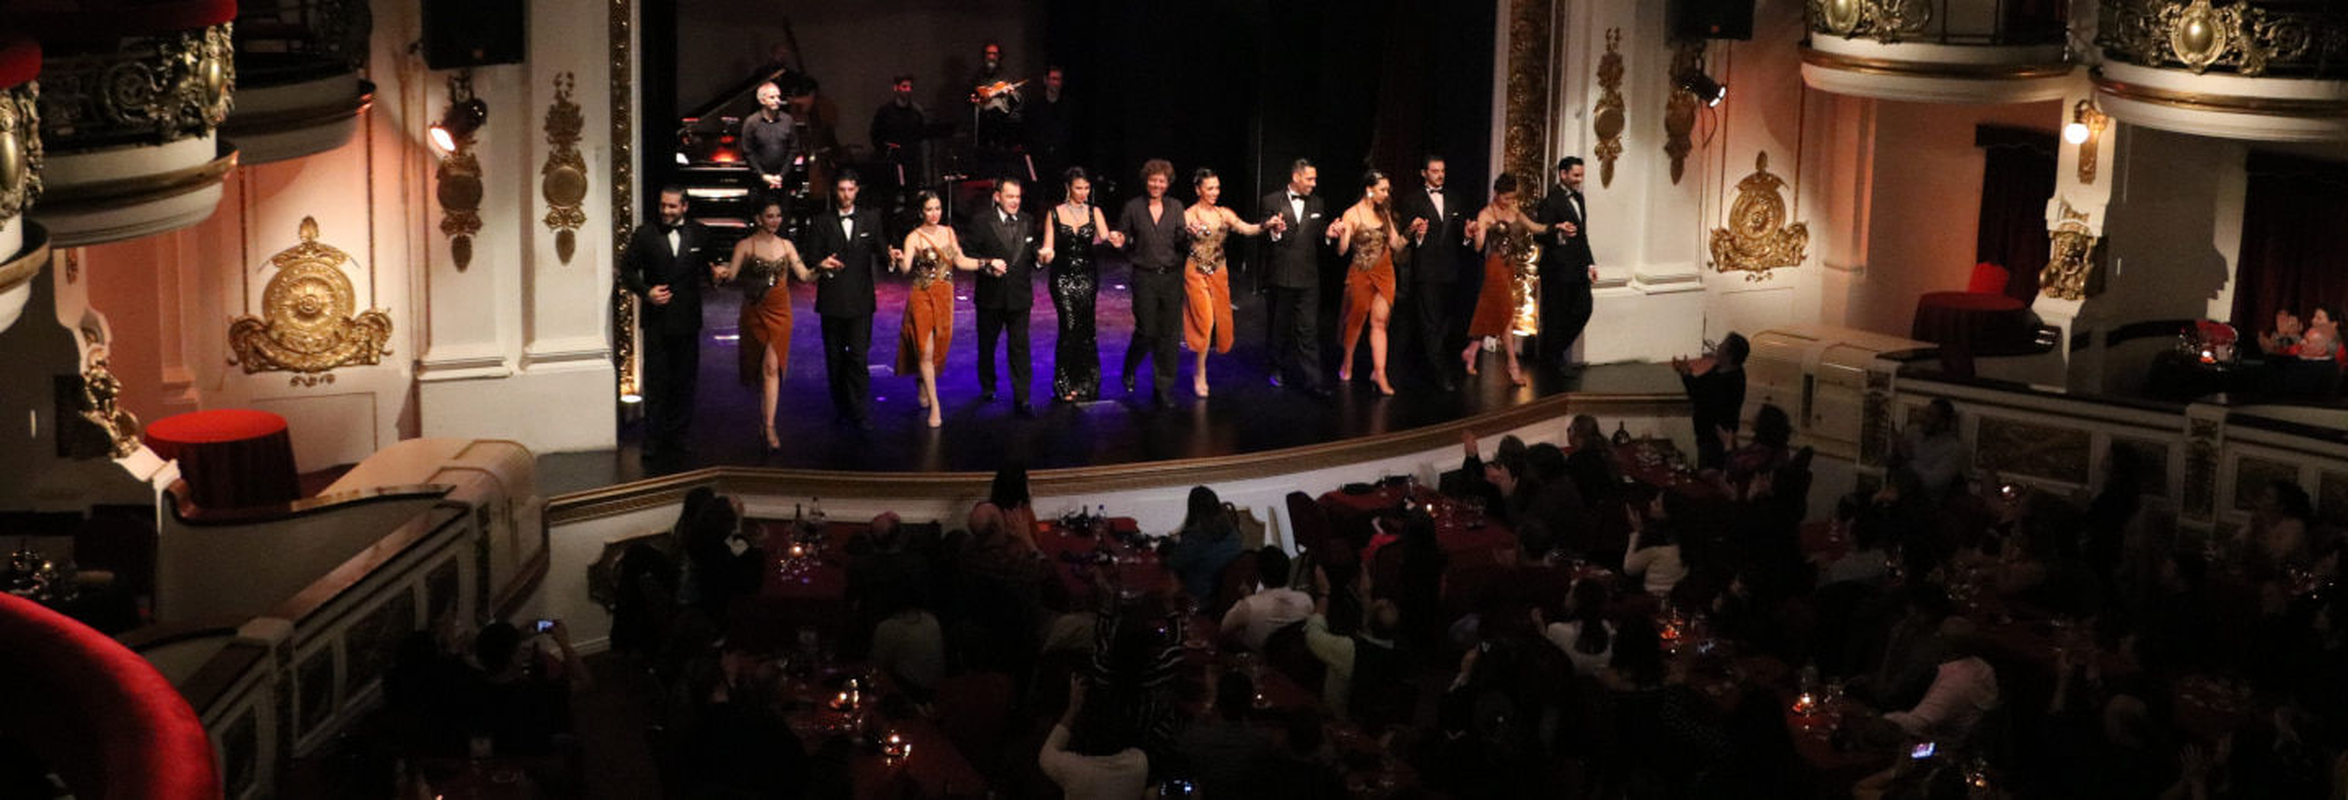 Espetáculo de tango no Teatro Astor Piazzolla